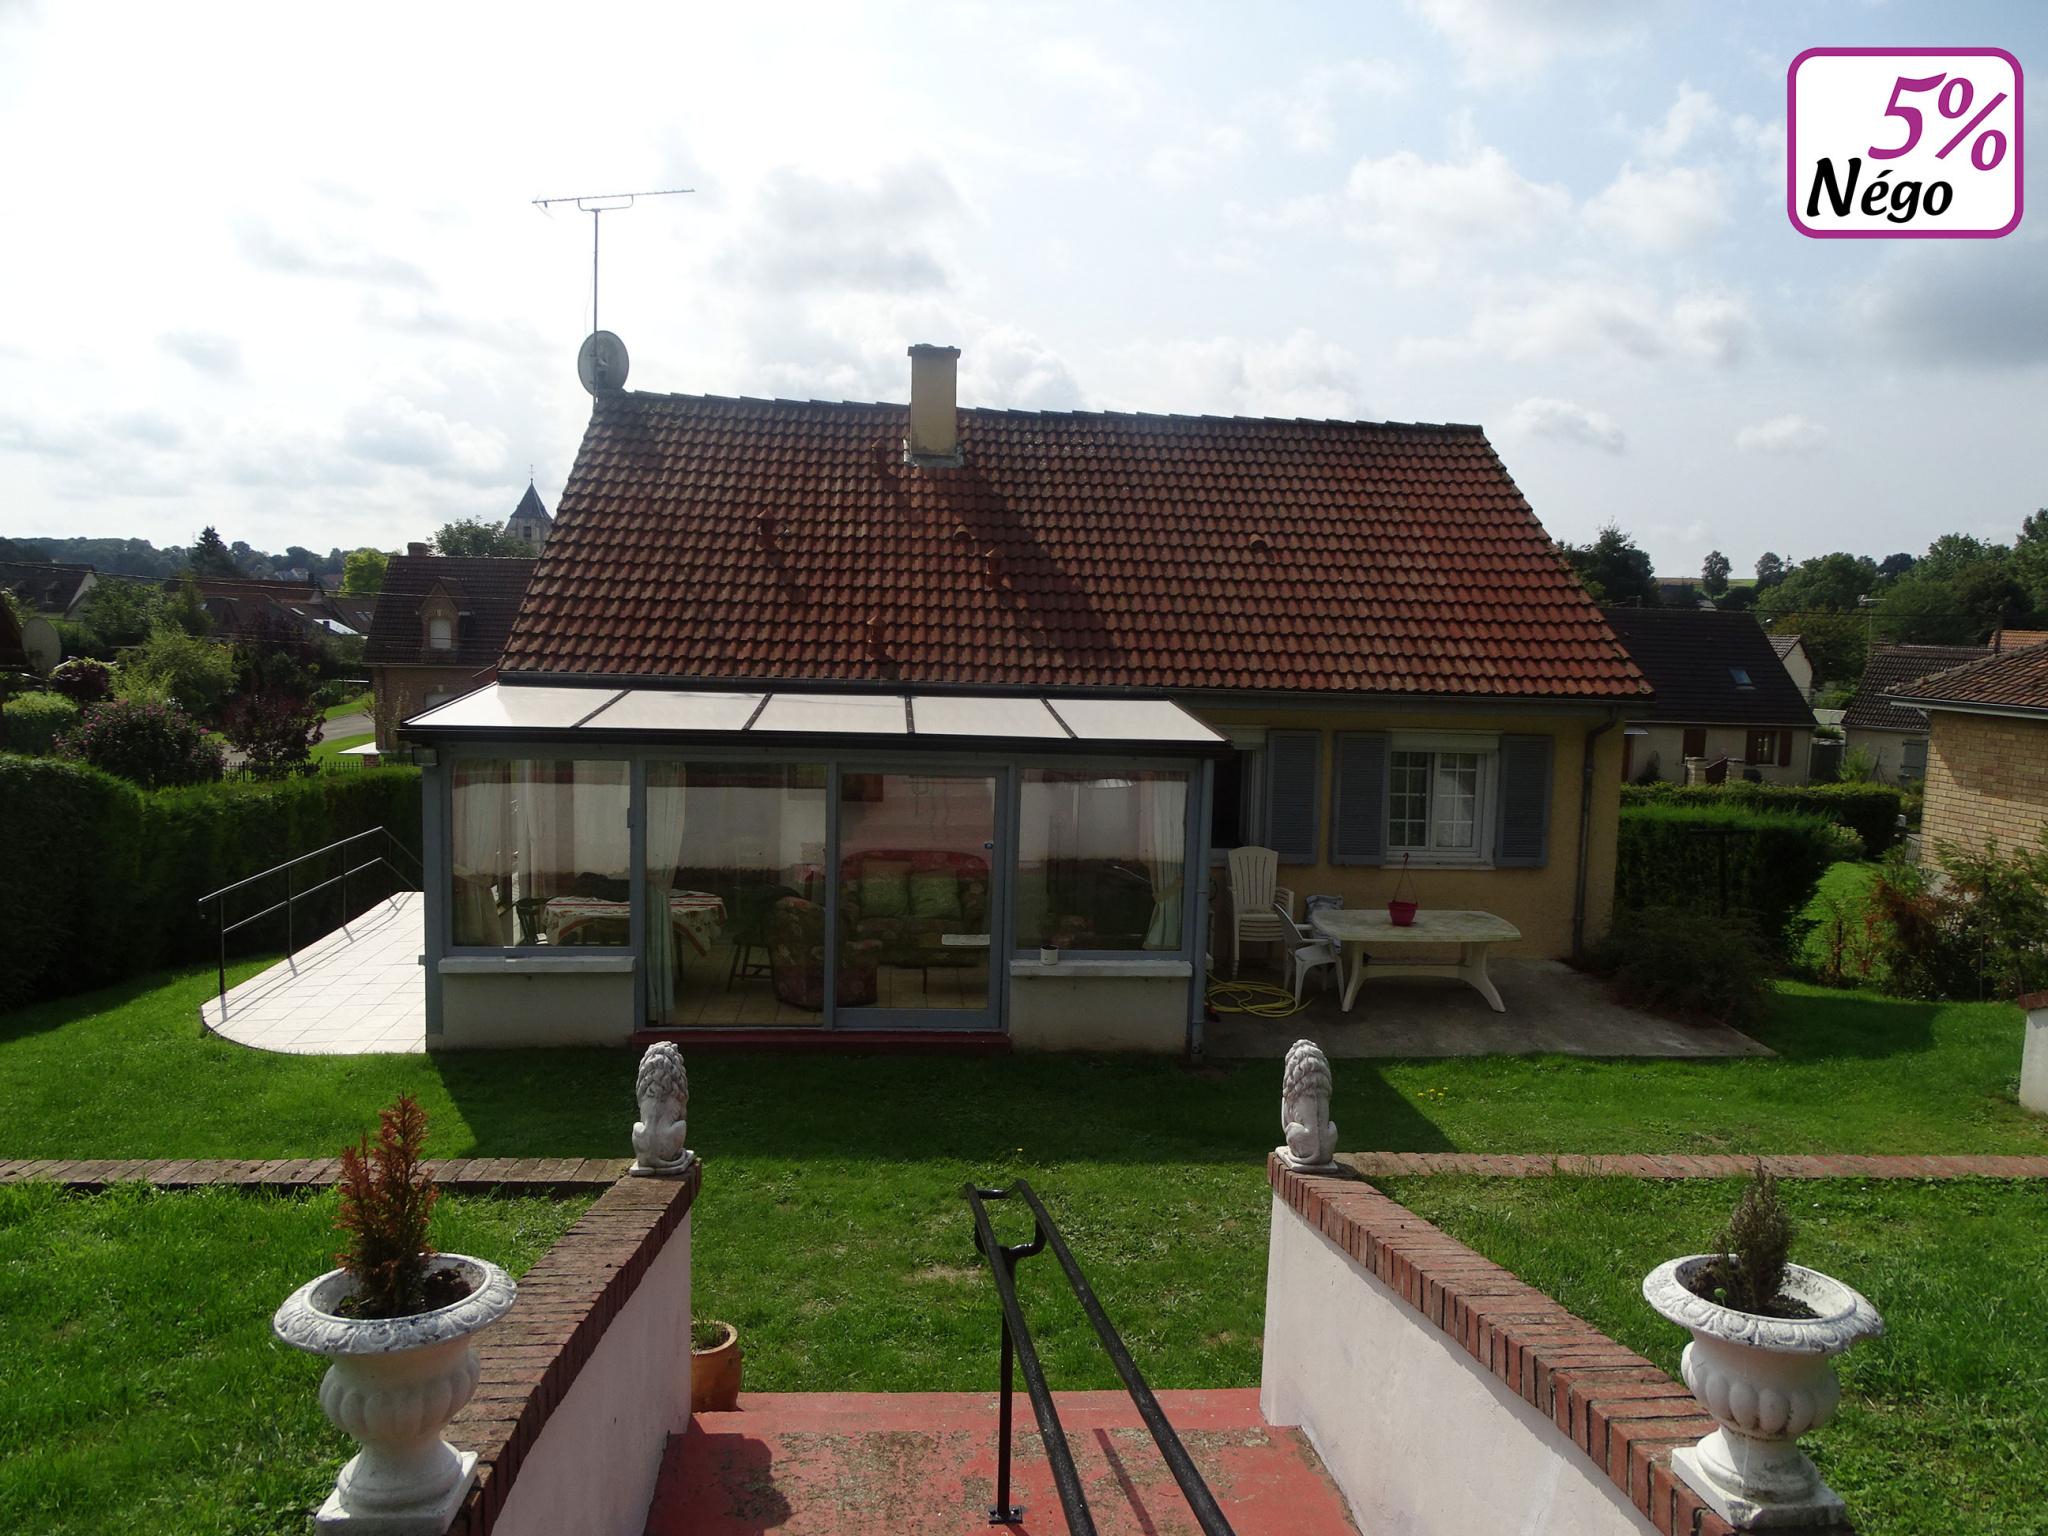 NAOURS Maison plain-pied 3 chambres, véranda chauffée, sous-sol, le tout sur 1302 m2 de terrain